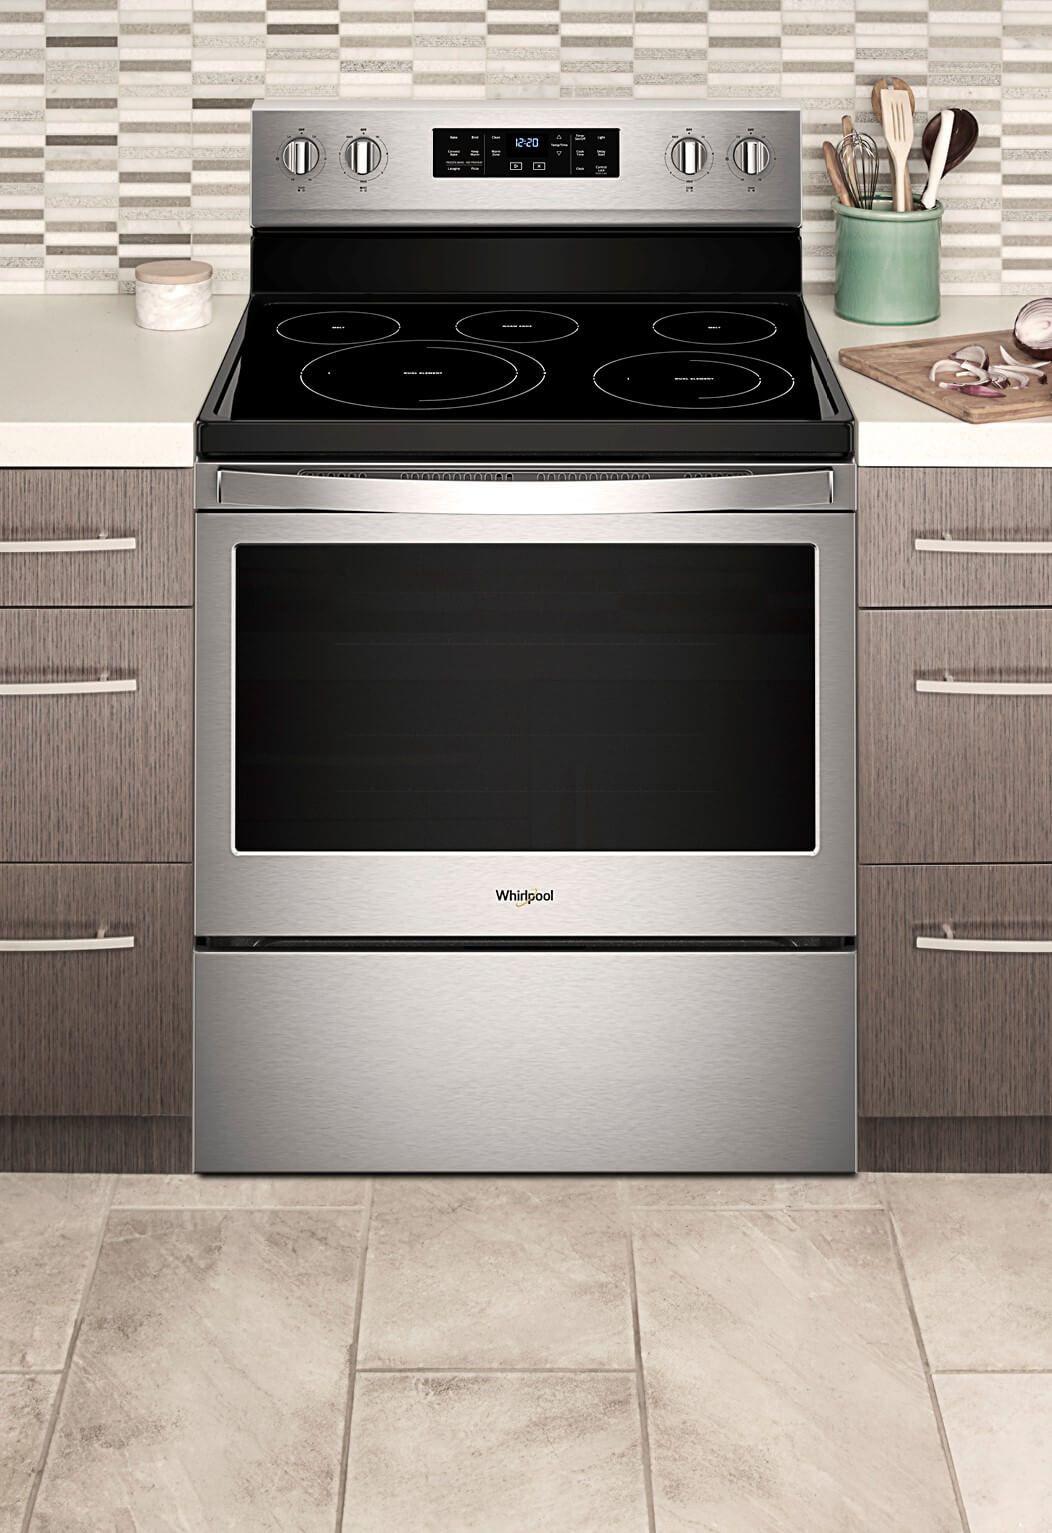 Whirlpool® kitchen stove